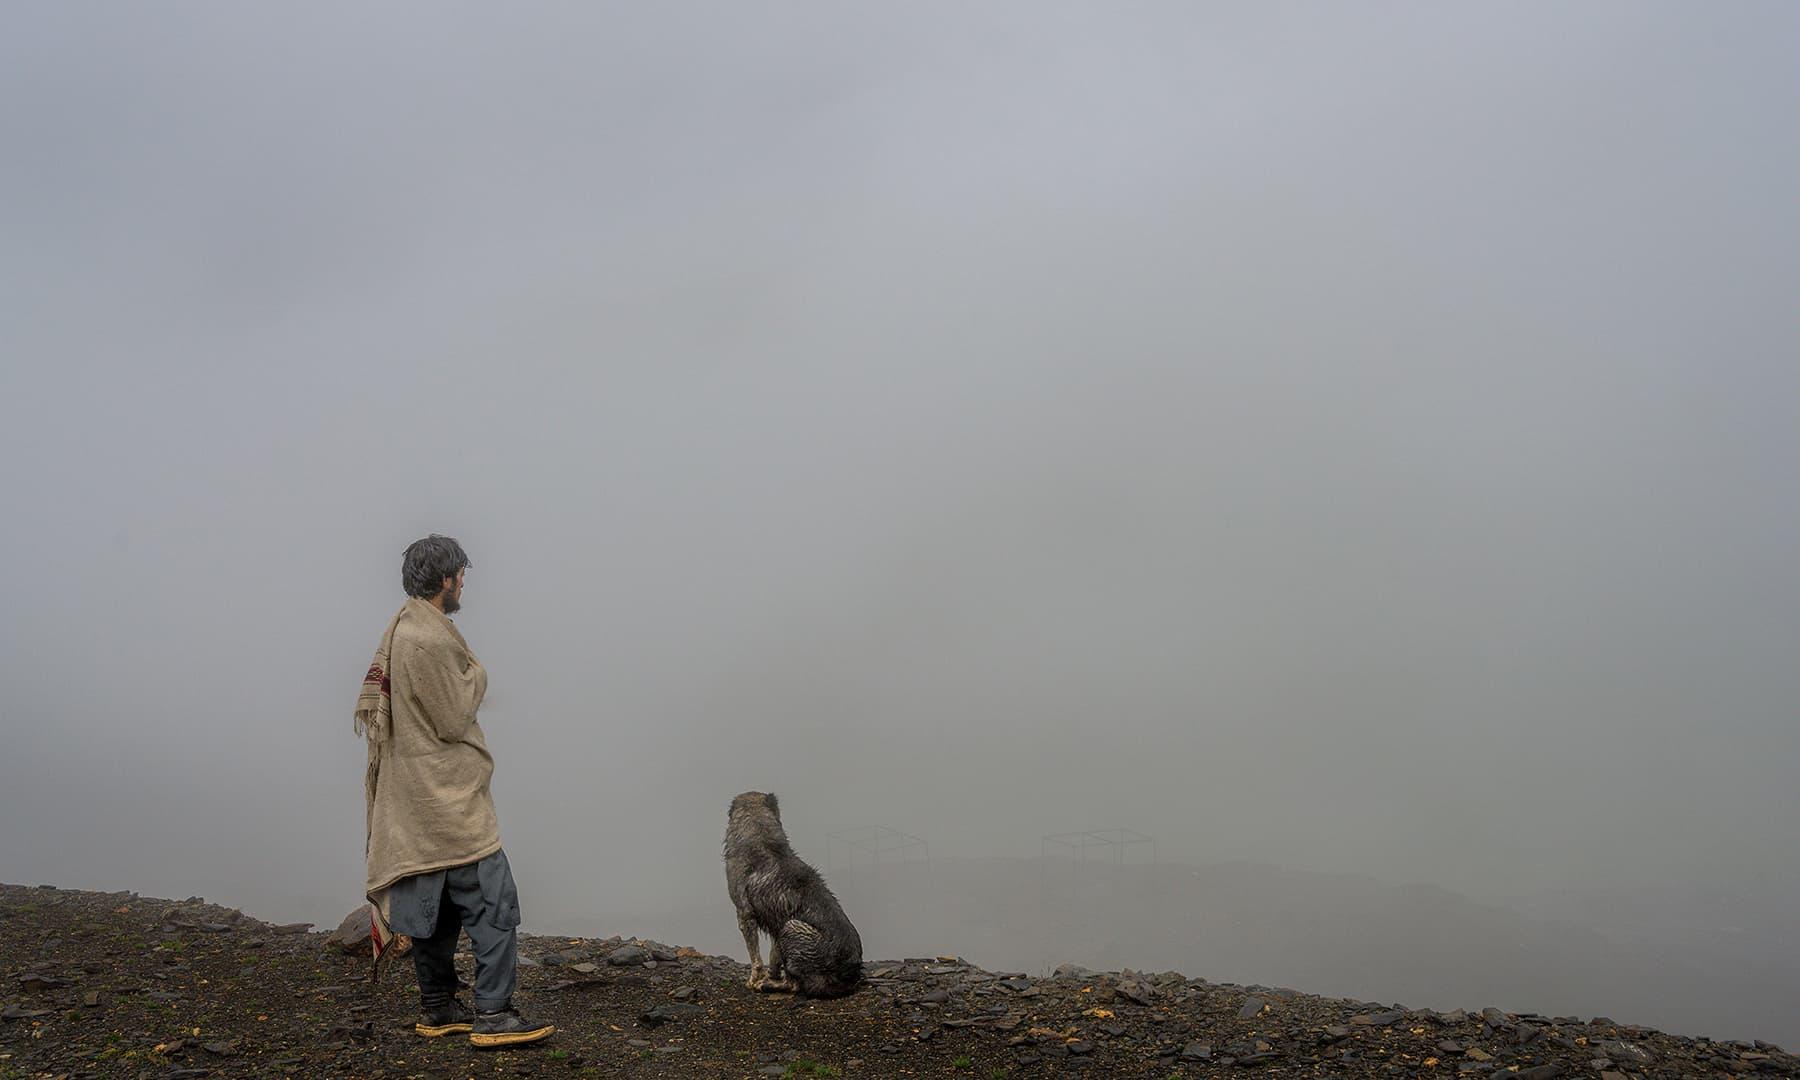 بابوسر پاس کے مقام پر ایک کوہستانی نوجوان اپنے پالتو کتے کے ساتھ